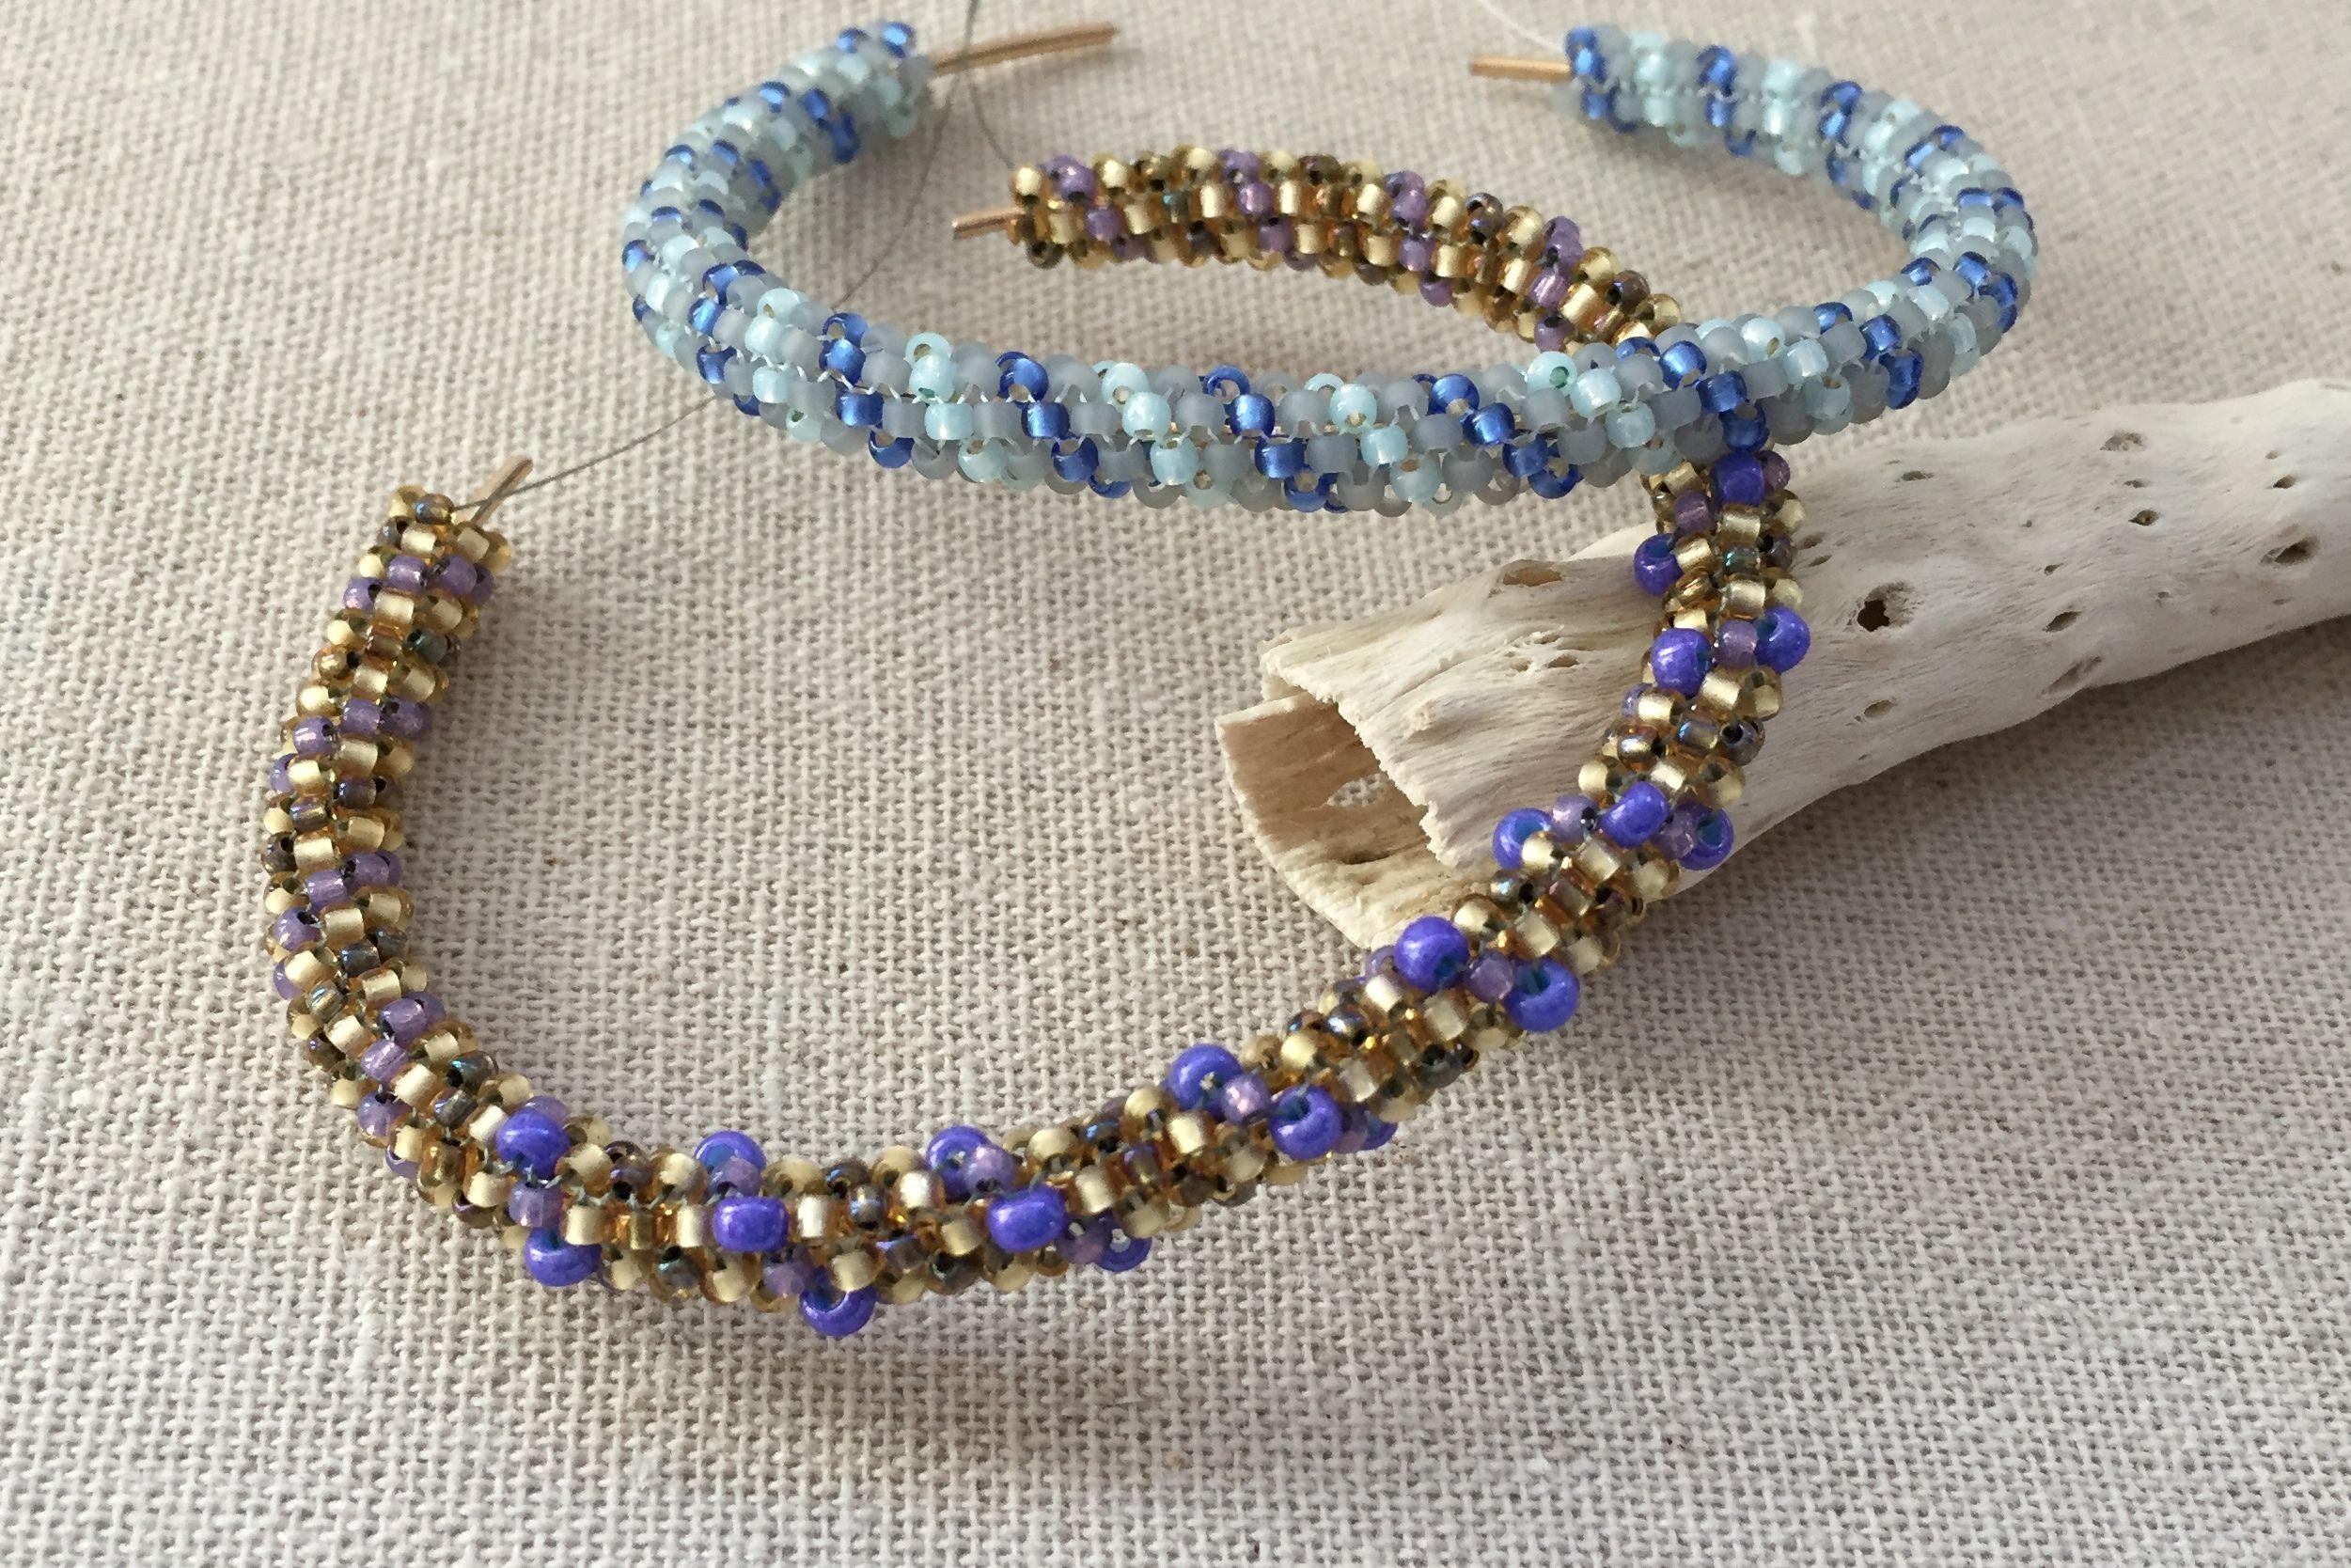 Spiral rope pattern tubular peyote bracelets